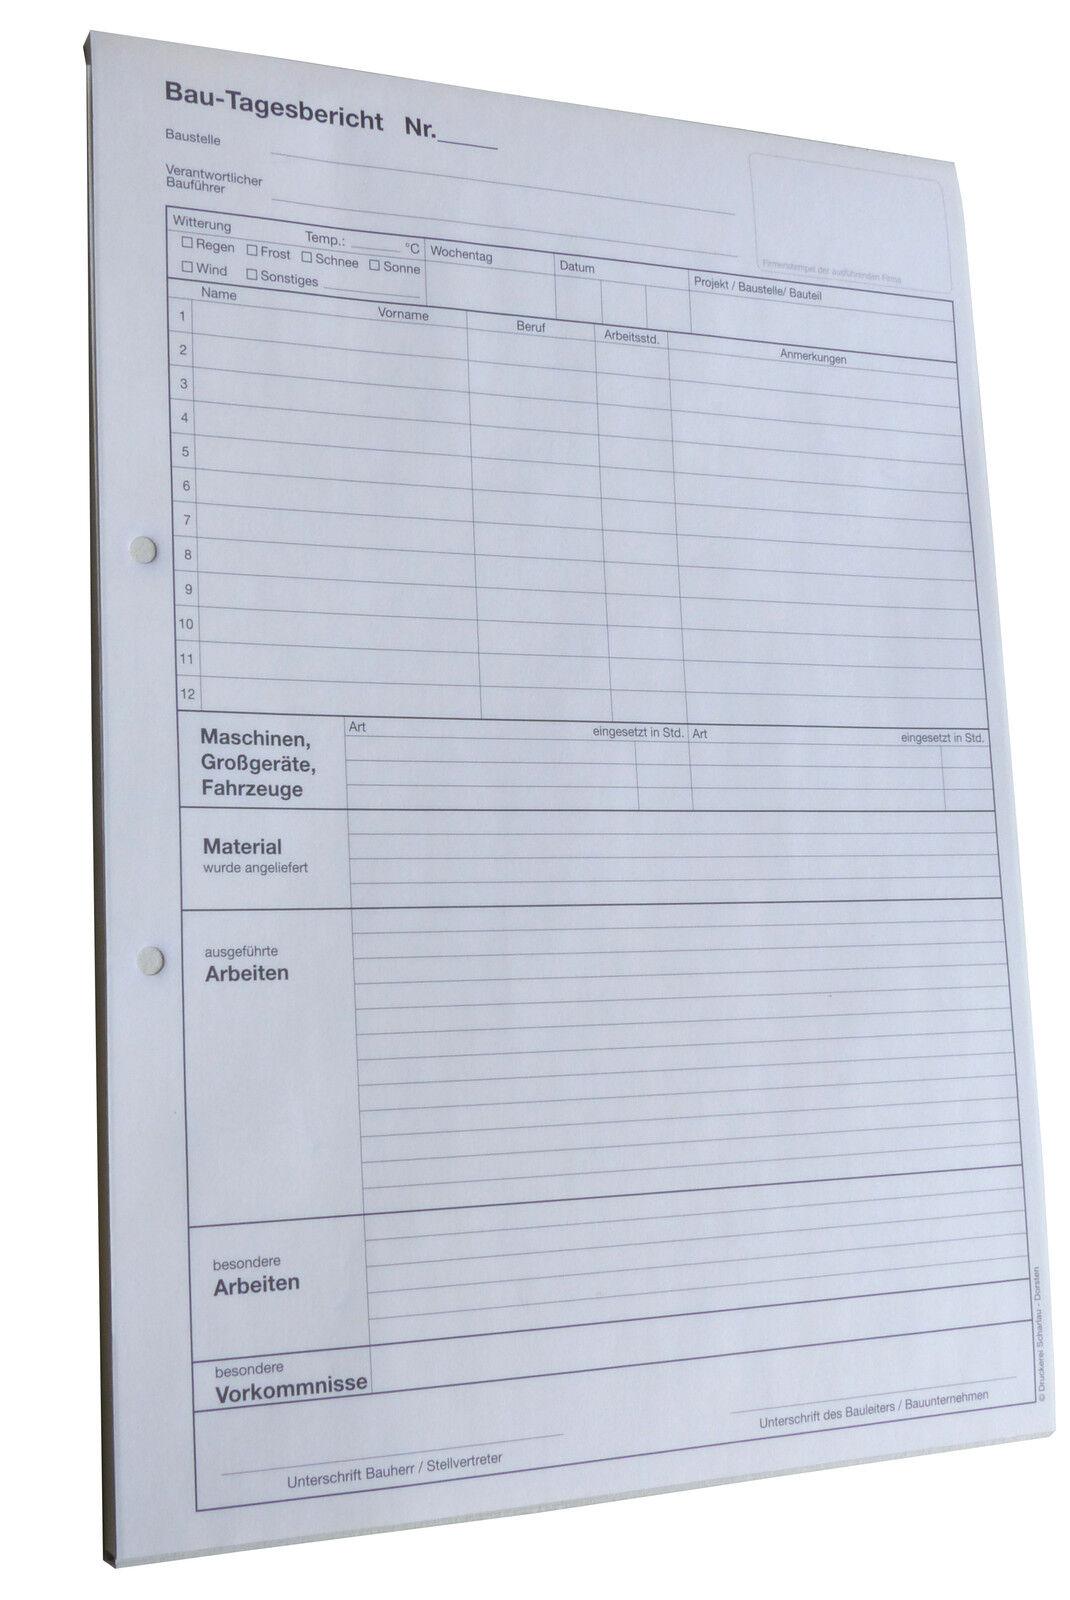 A4 BAUTAGEBUCH, Bau-Tagesbericht SD 3x30 (22205) (22205) (22205)  oder 2x50 (22235) Blatt | Berühmter Laden  | Reichhaltiges Design  3fa6fc